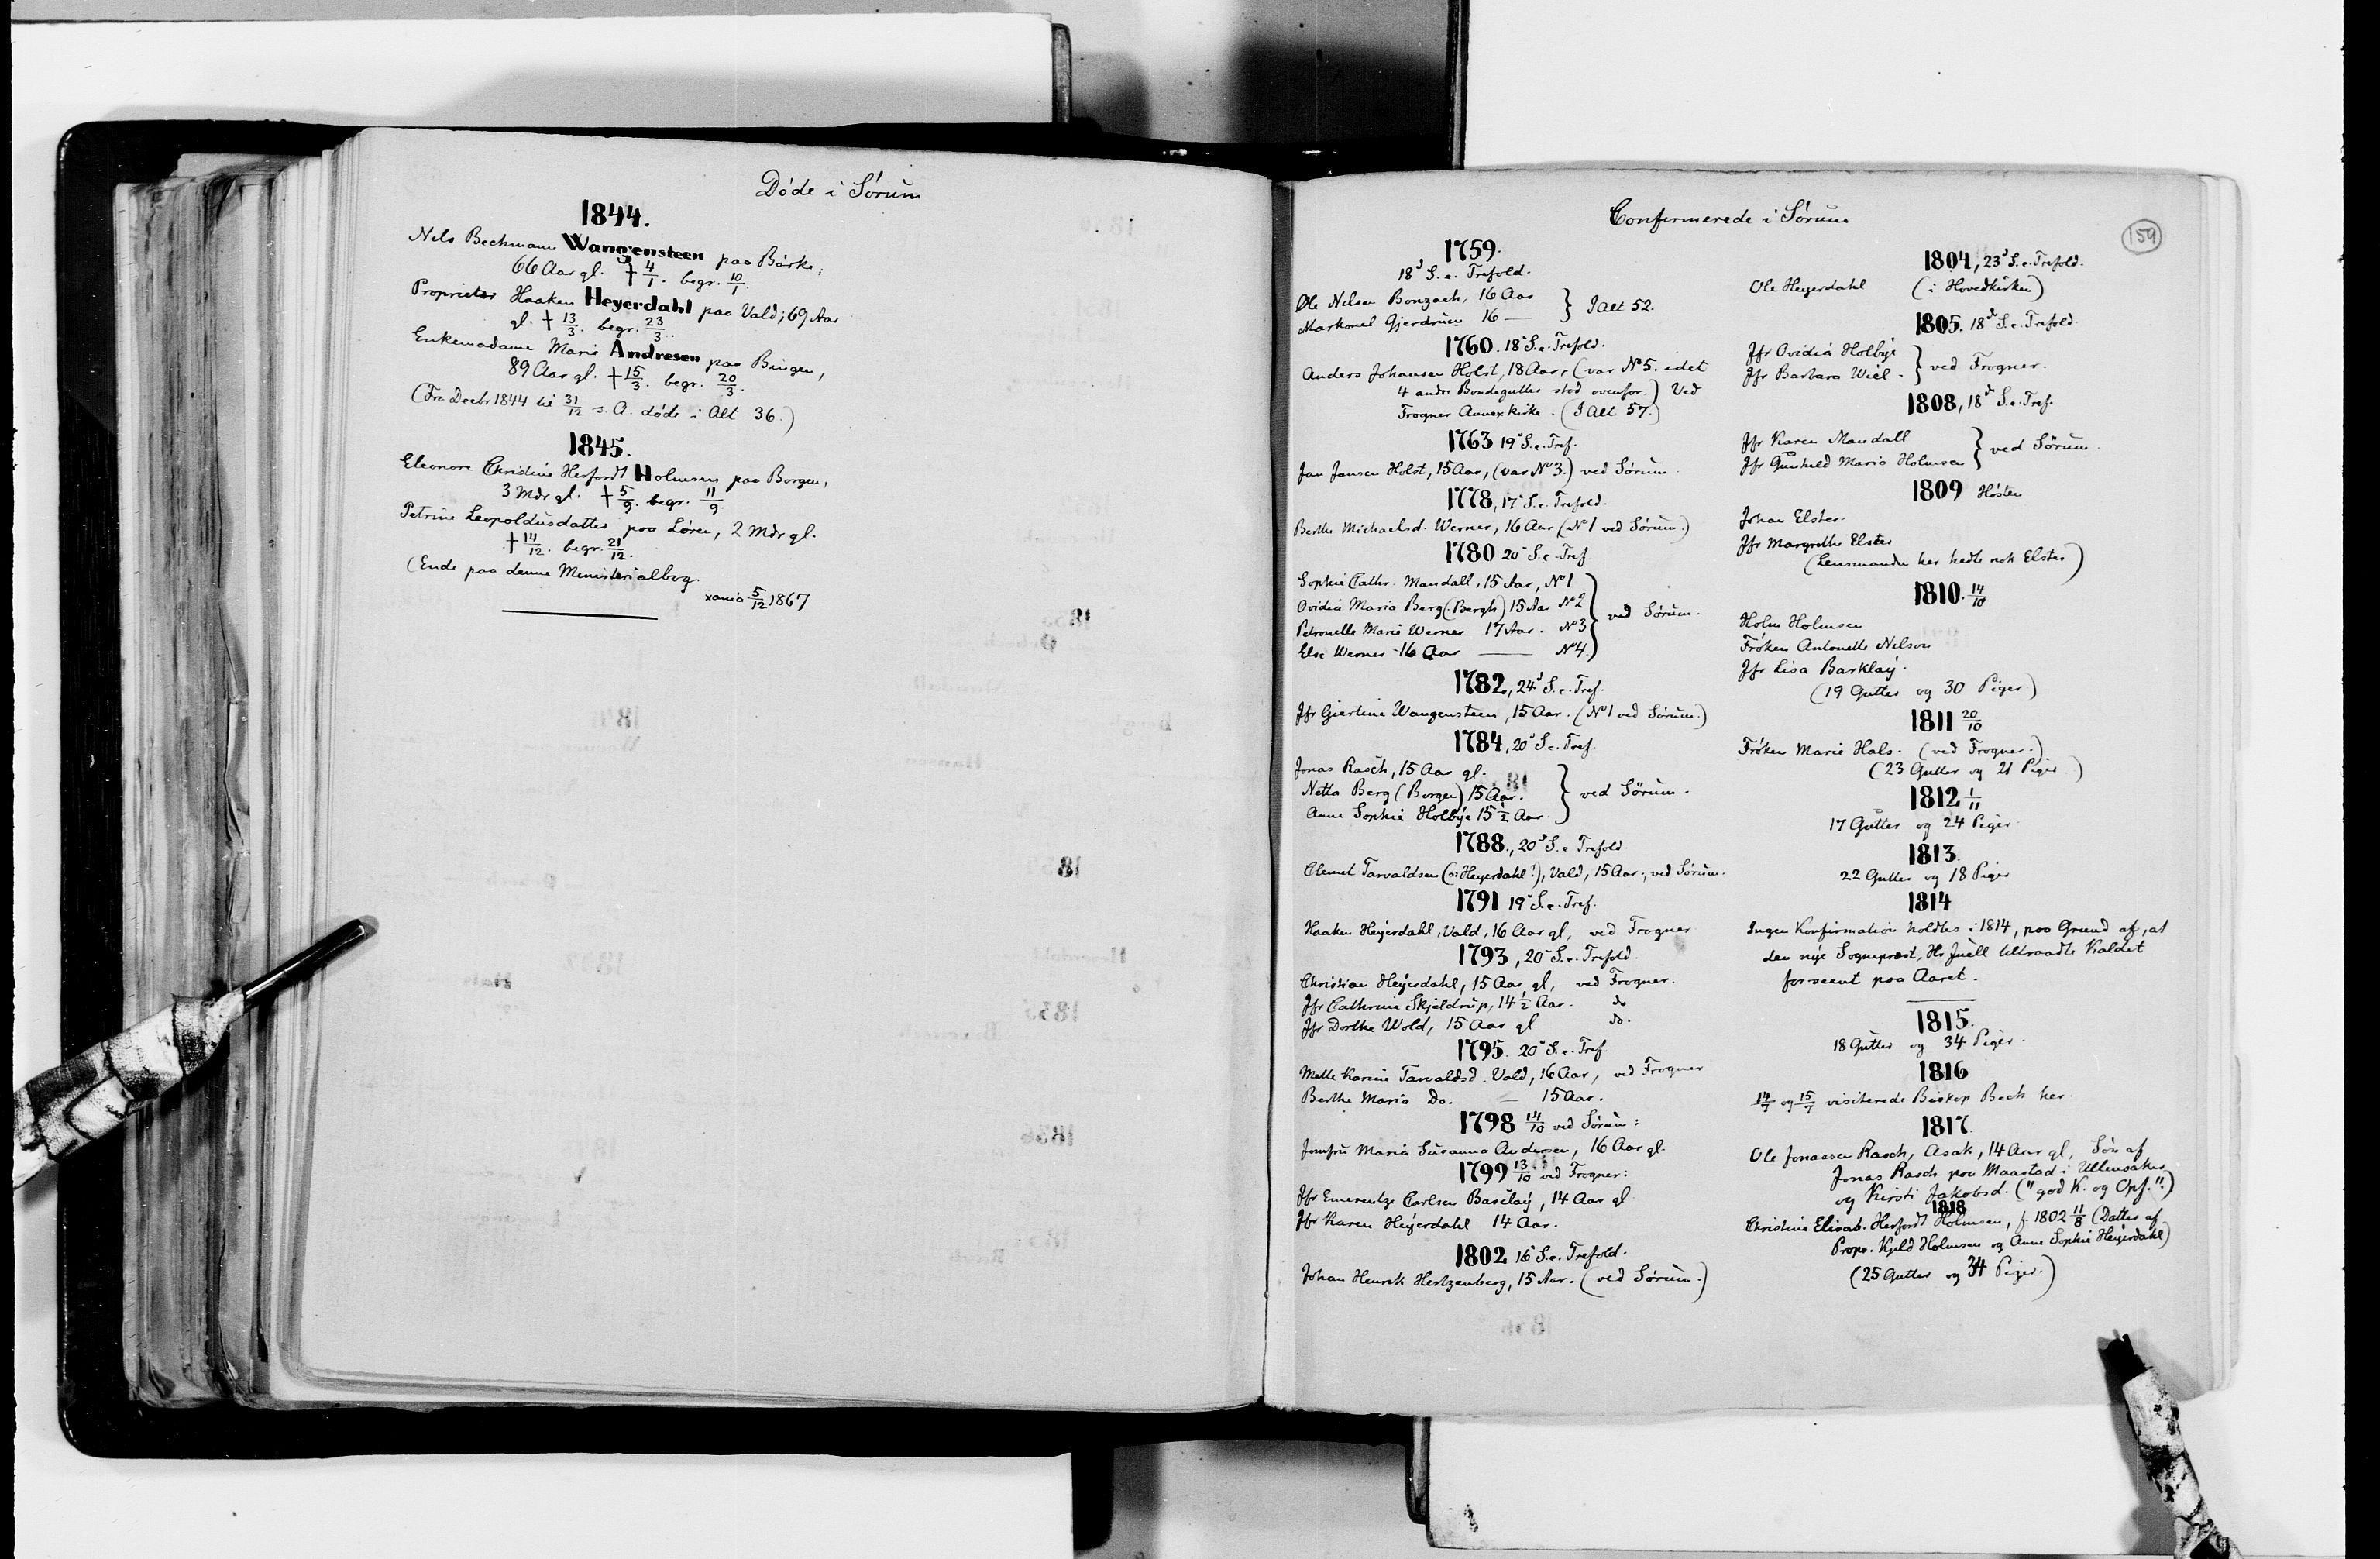 RA, Lassens samlinger, F/Fc, s. 159